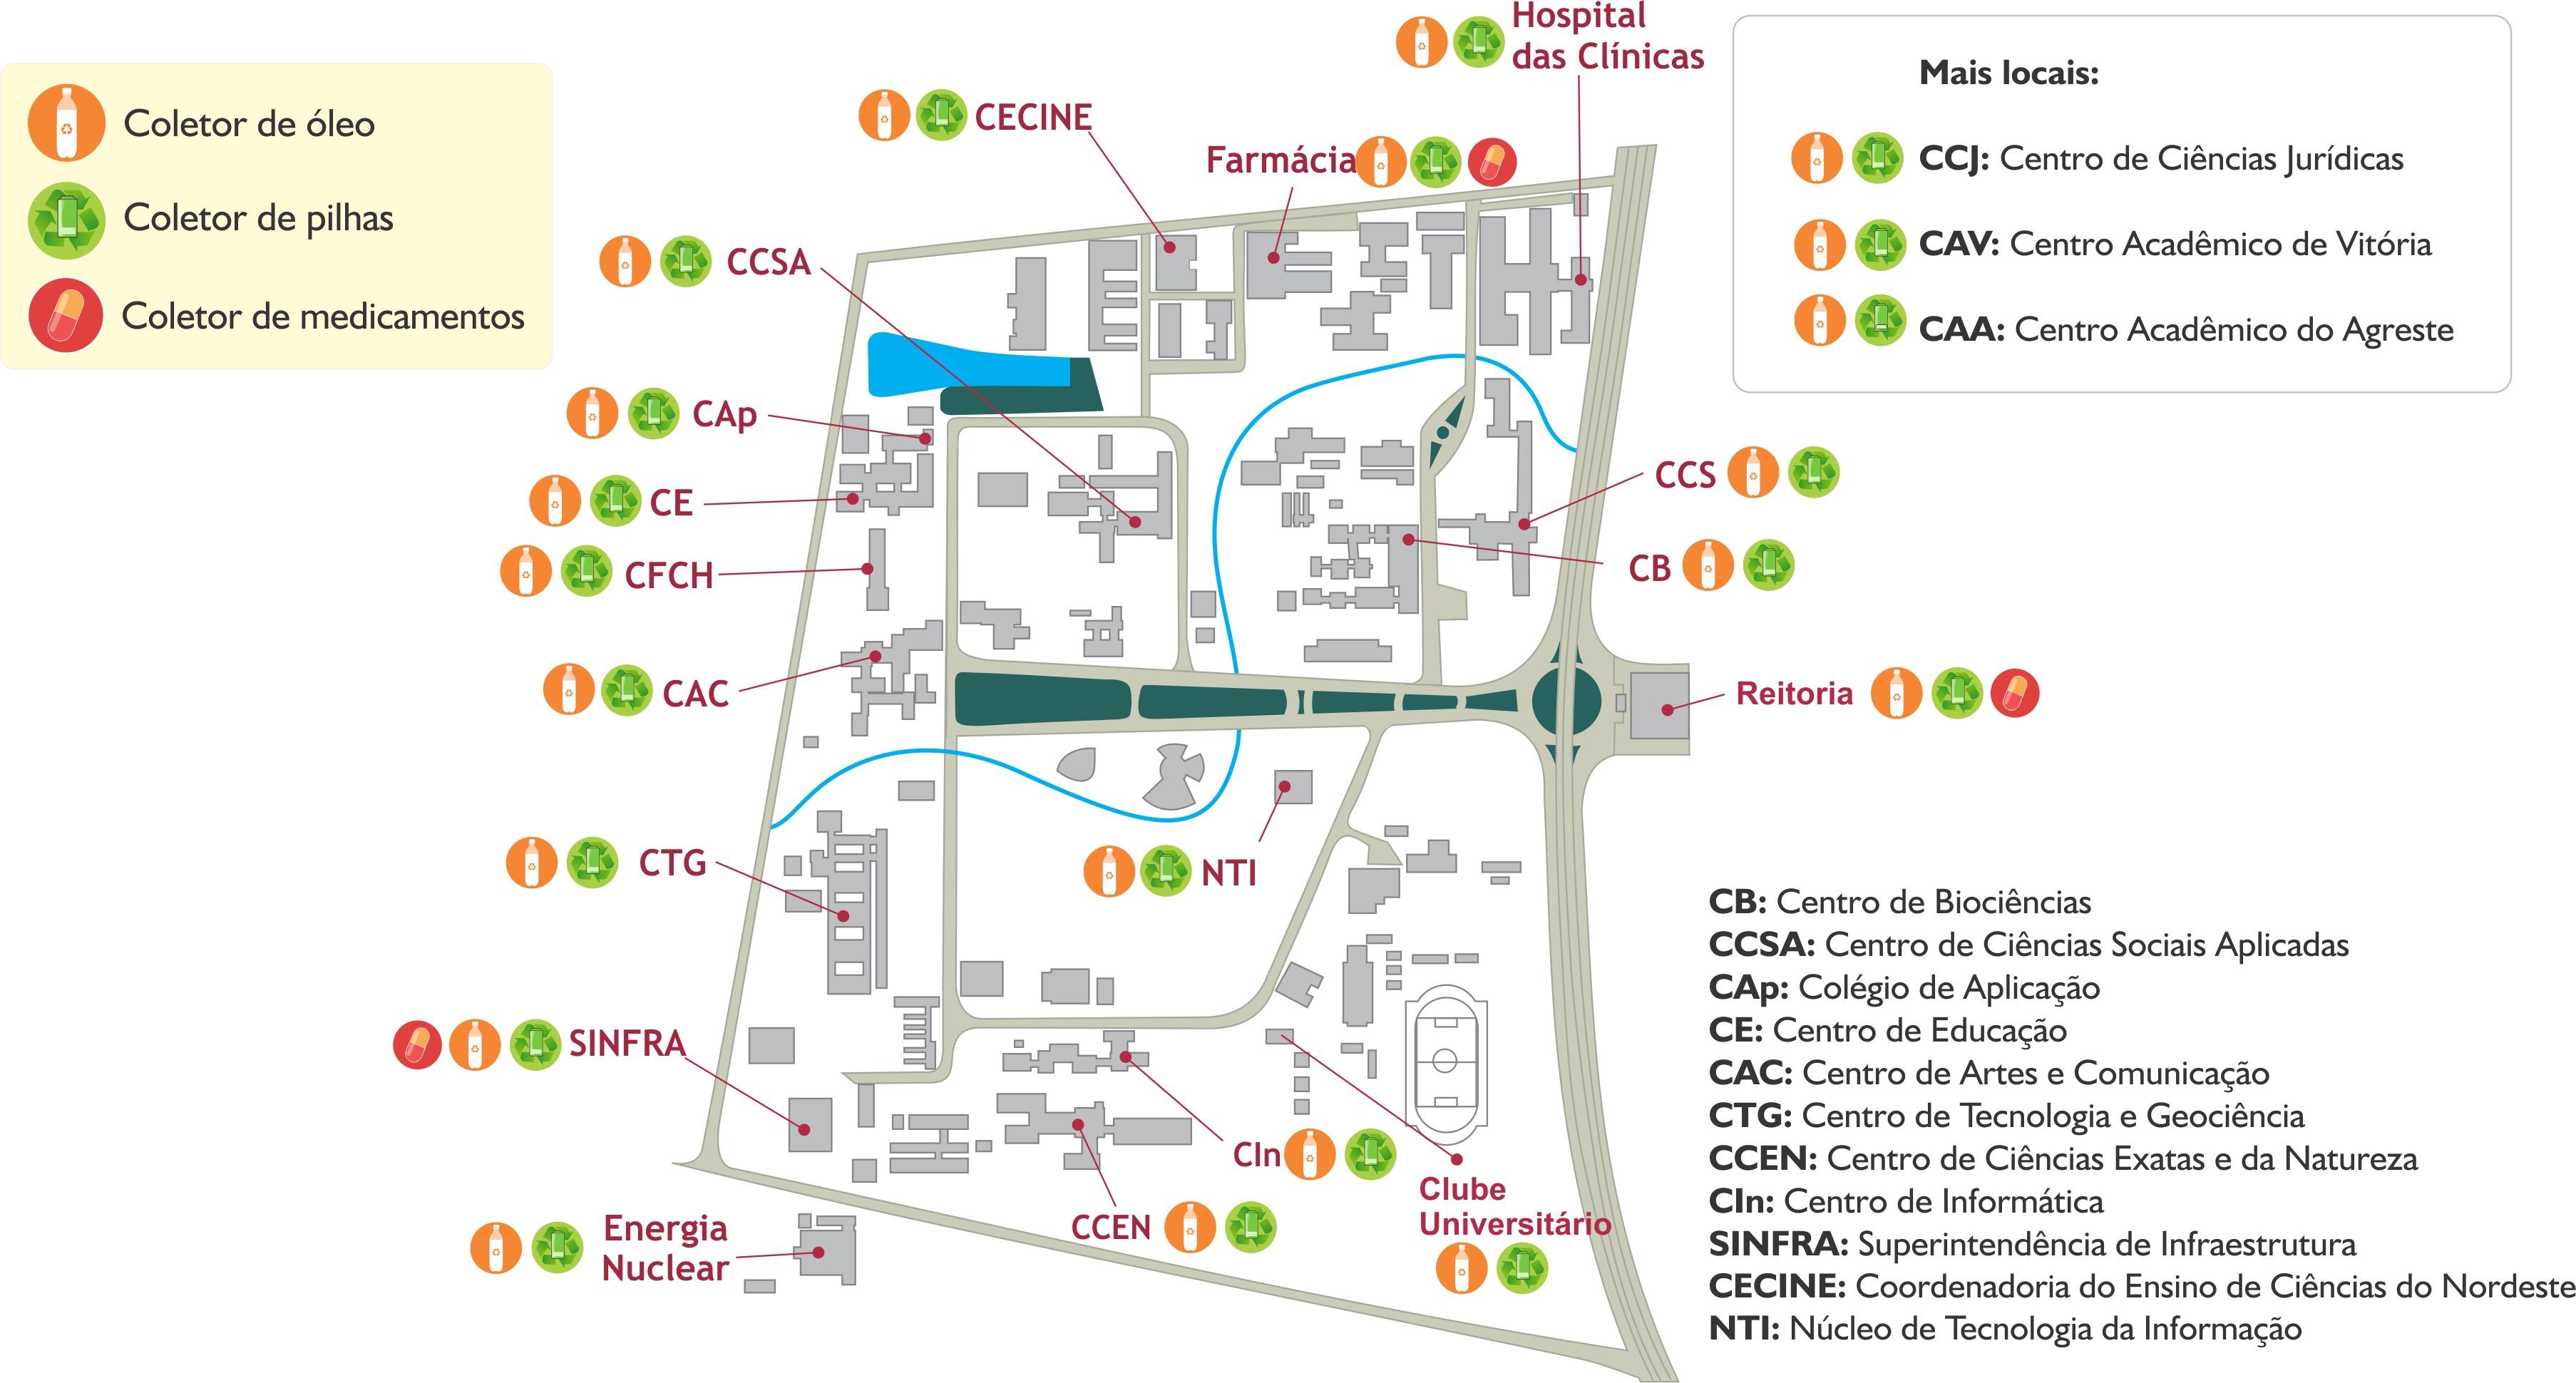 Temos coletores disponveis na UFPE conforme o mapa abaixo